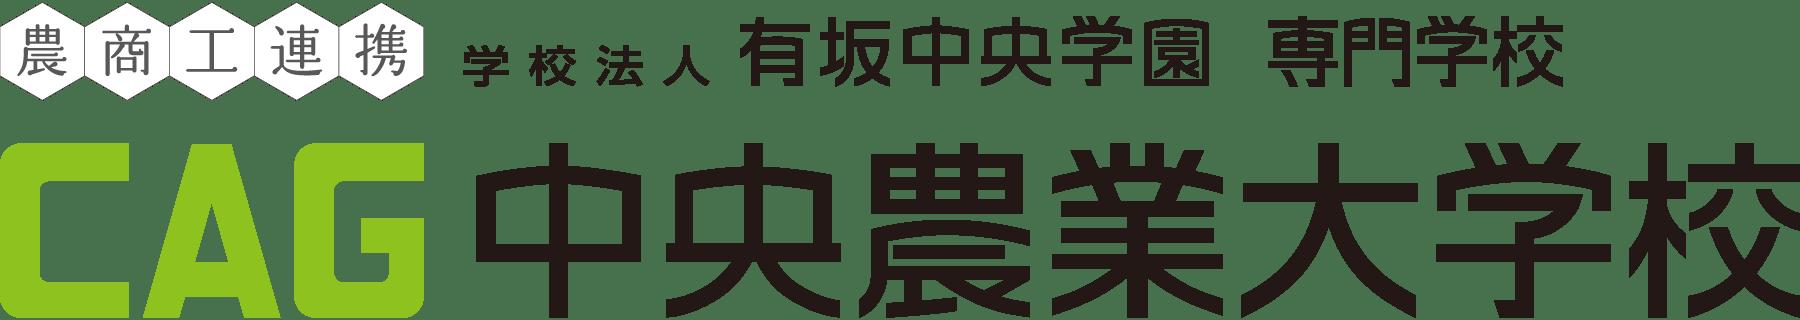 中央農業グリーン専門学校